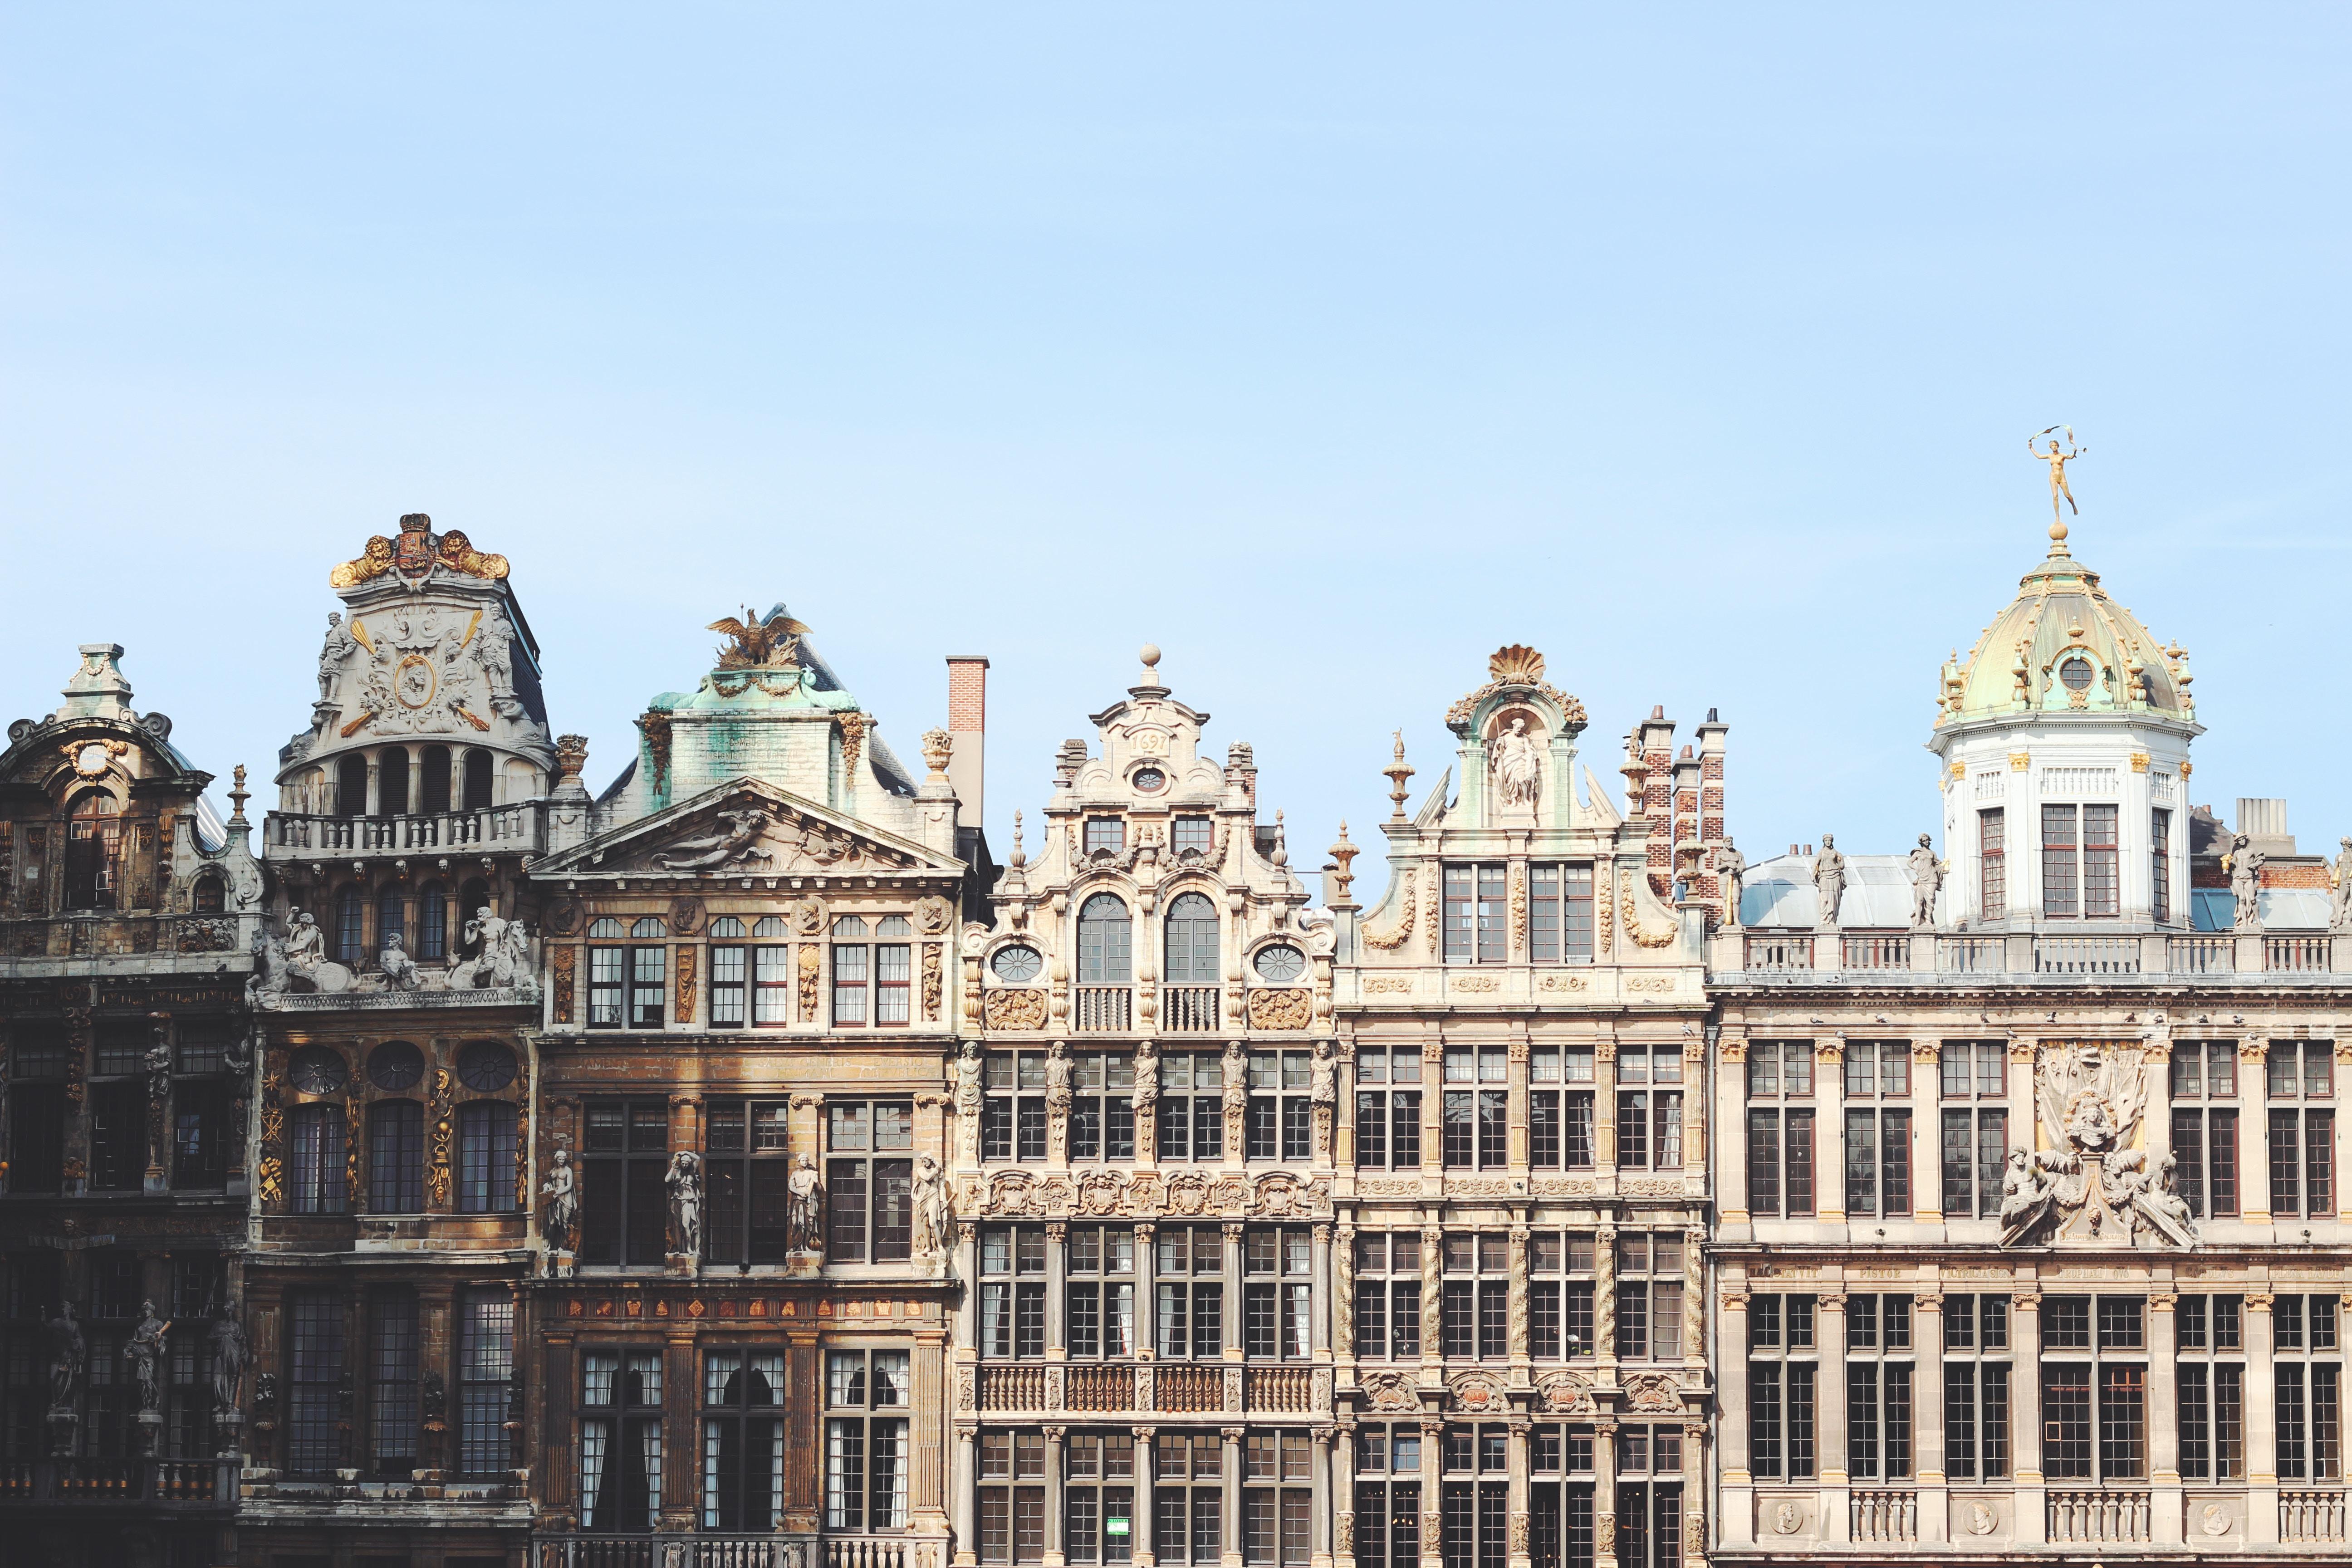 De prachtige panden in Brussel